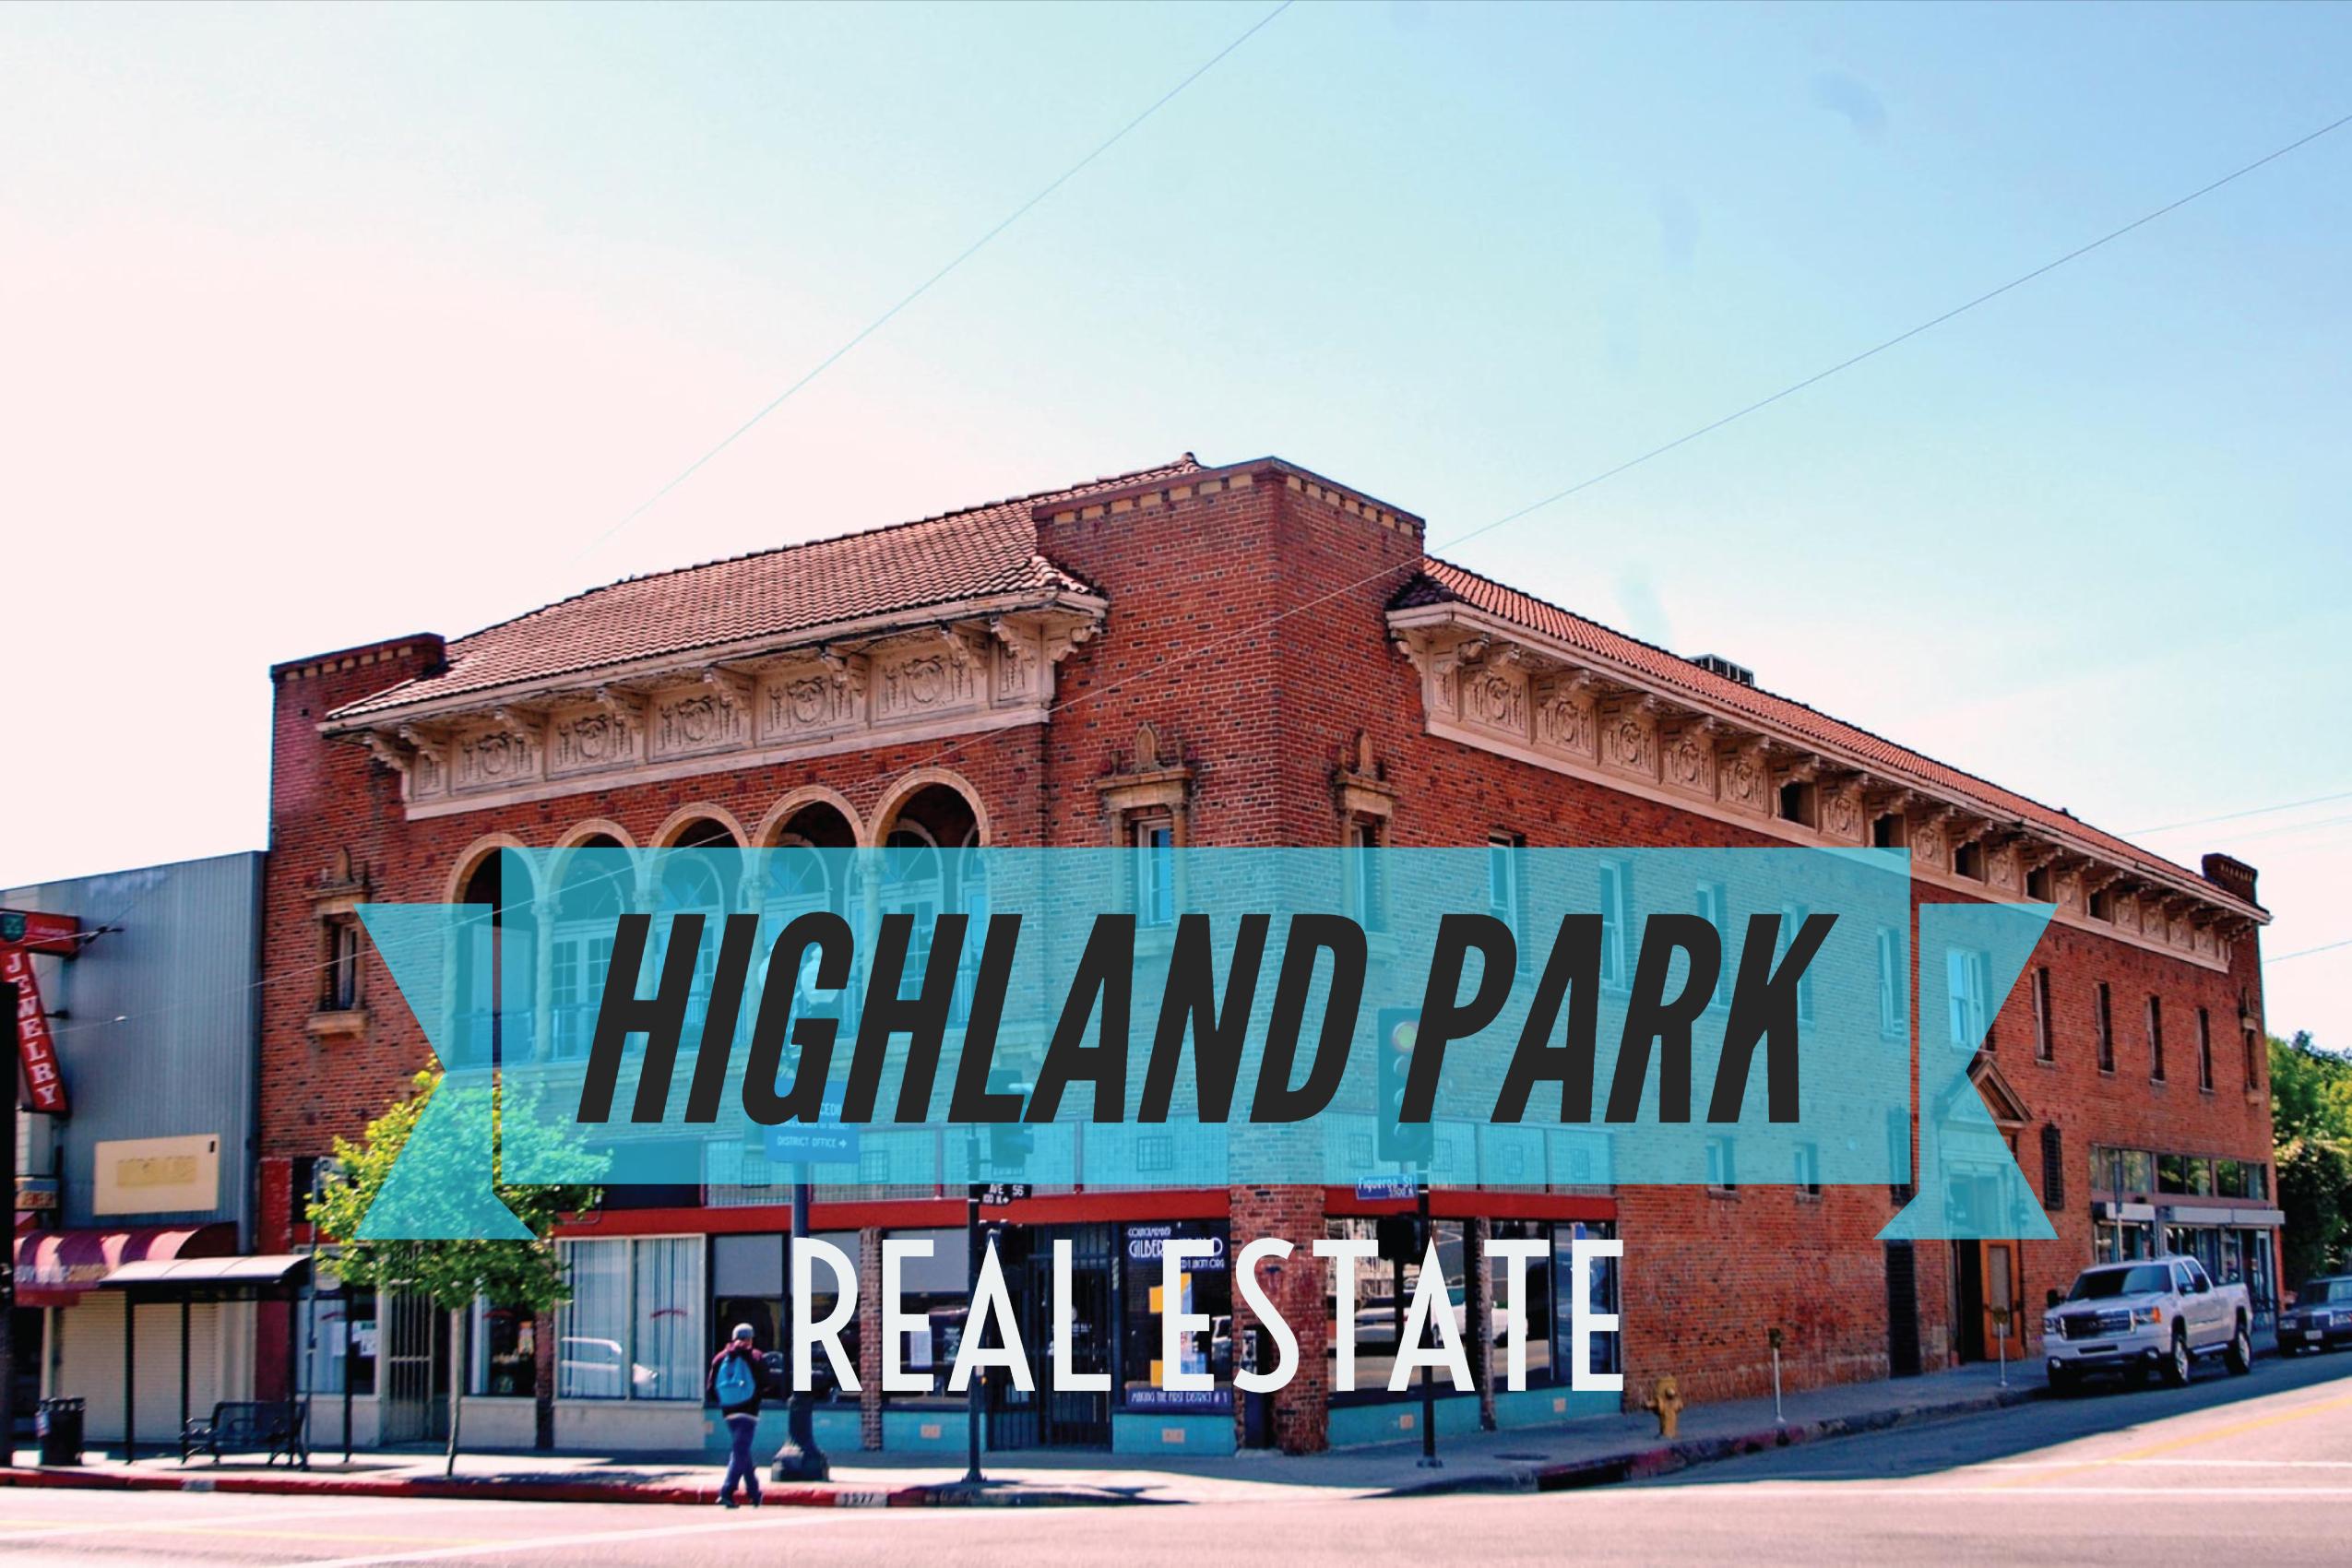 highland-park-real-estate-90042-real-estate-talktopaul-highland-park-real-estate-agent-figueroa-st